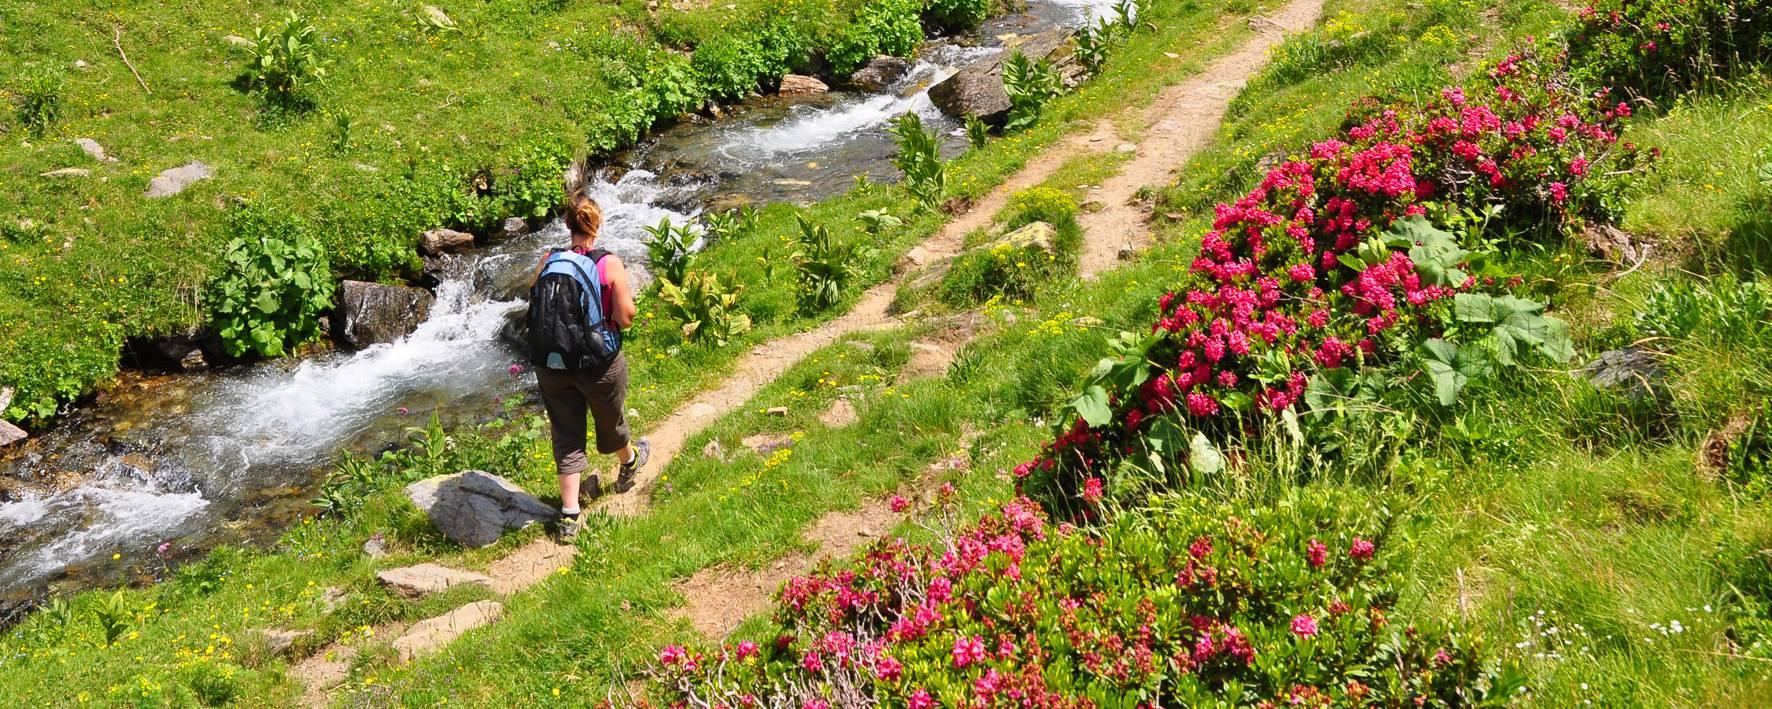 Petit ruisseau de la vallée d'Eyne en Pyrénées Catalanes